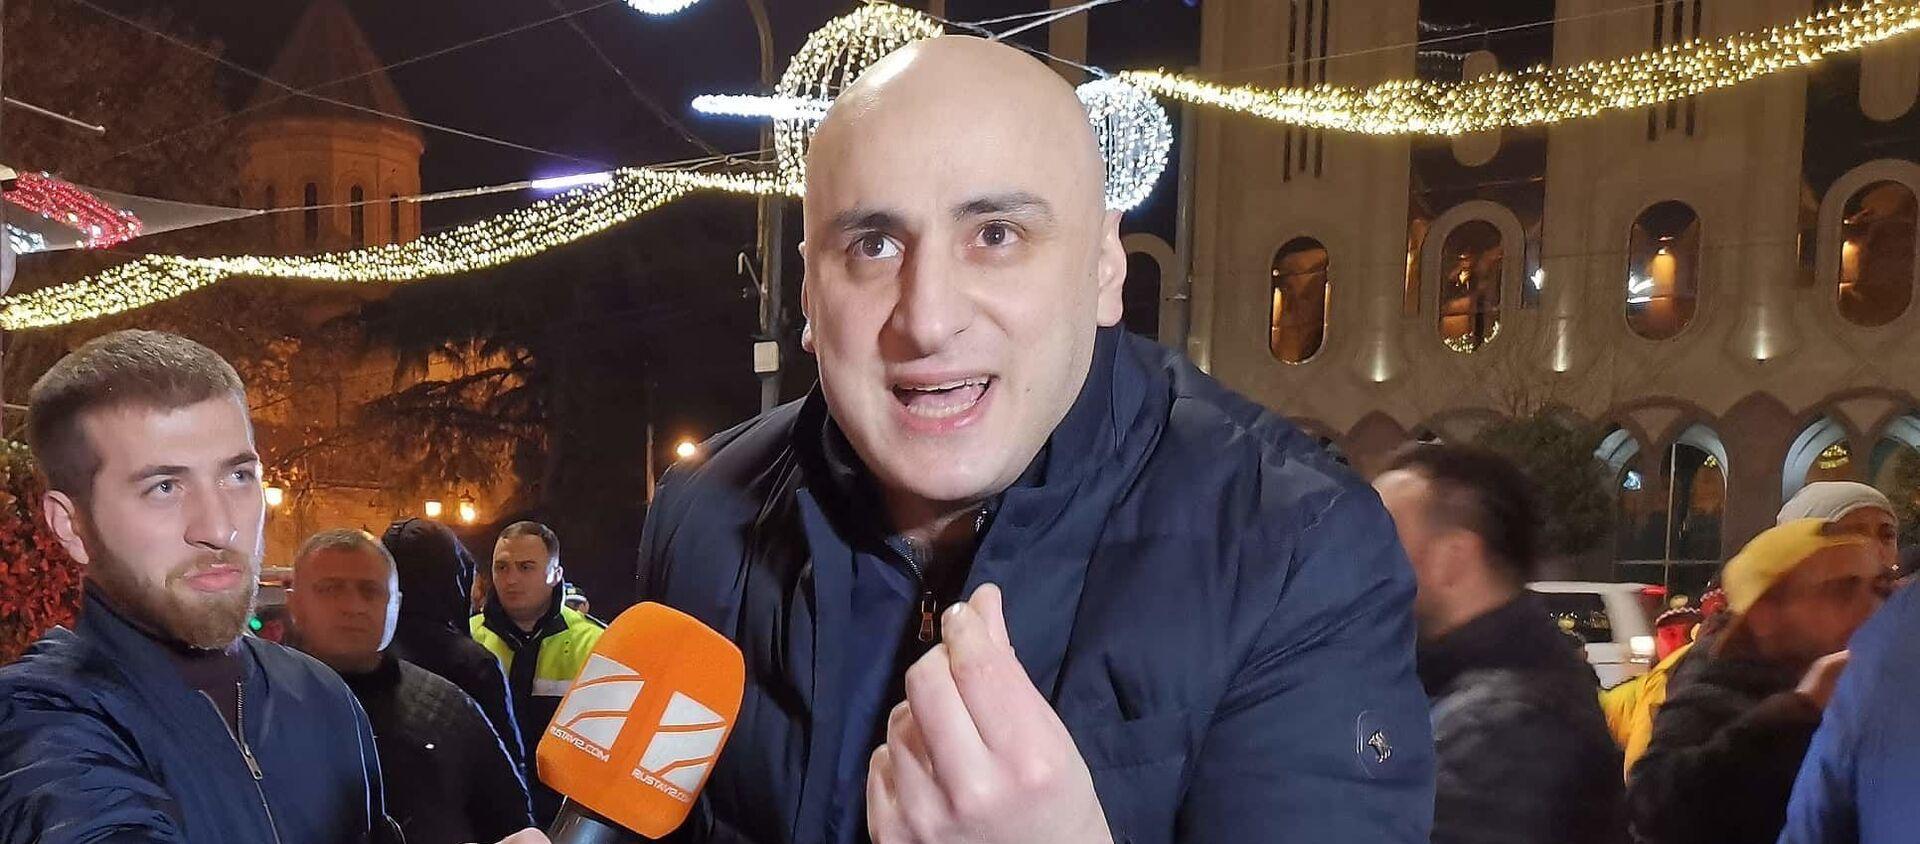 Ника Мелия с журналистами. Власти убрали палатки оппозиции у здания парламента в ночь на 31 декабря, чтобы установить там новогодние аттракционы - Sputnik Грузия, 1920, 05.02.2021